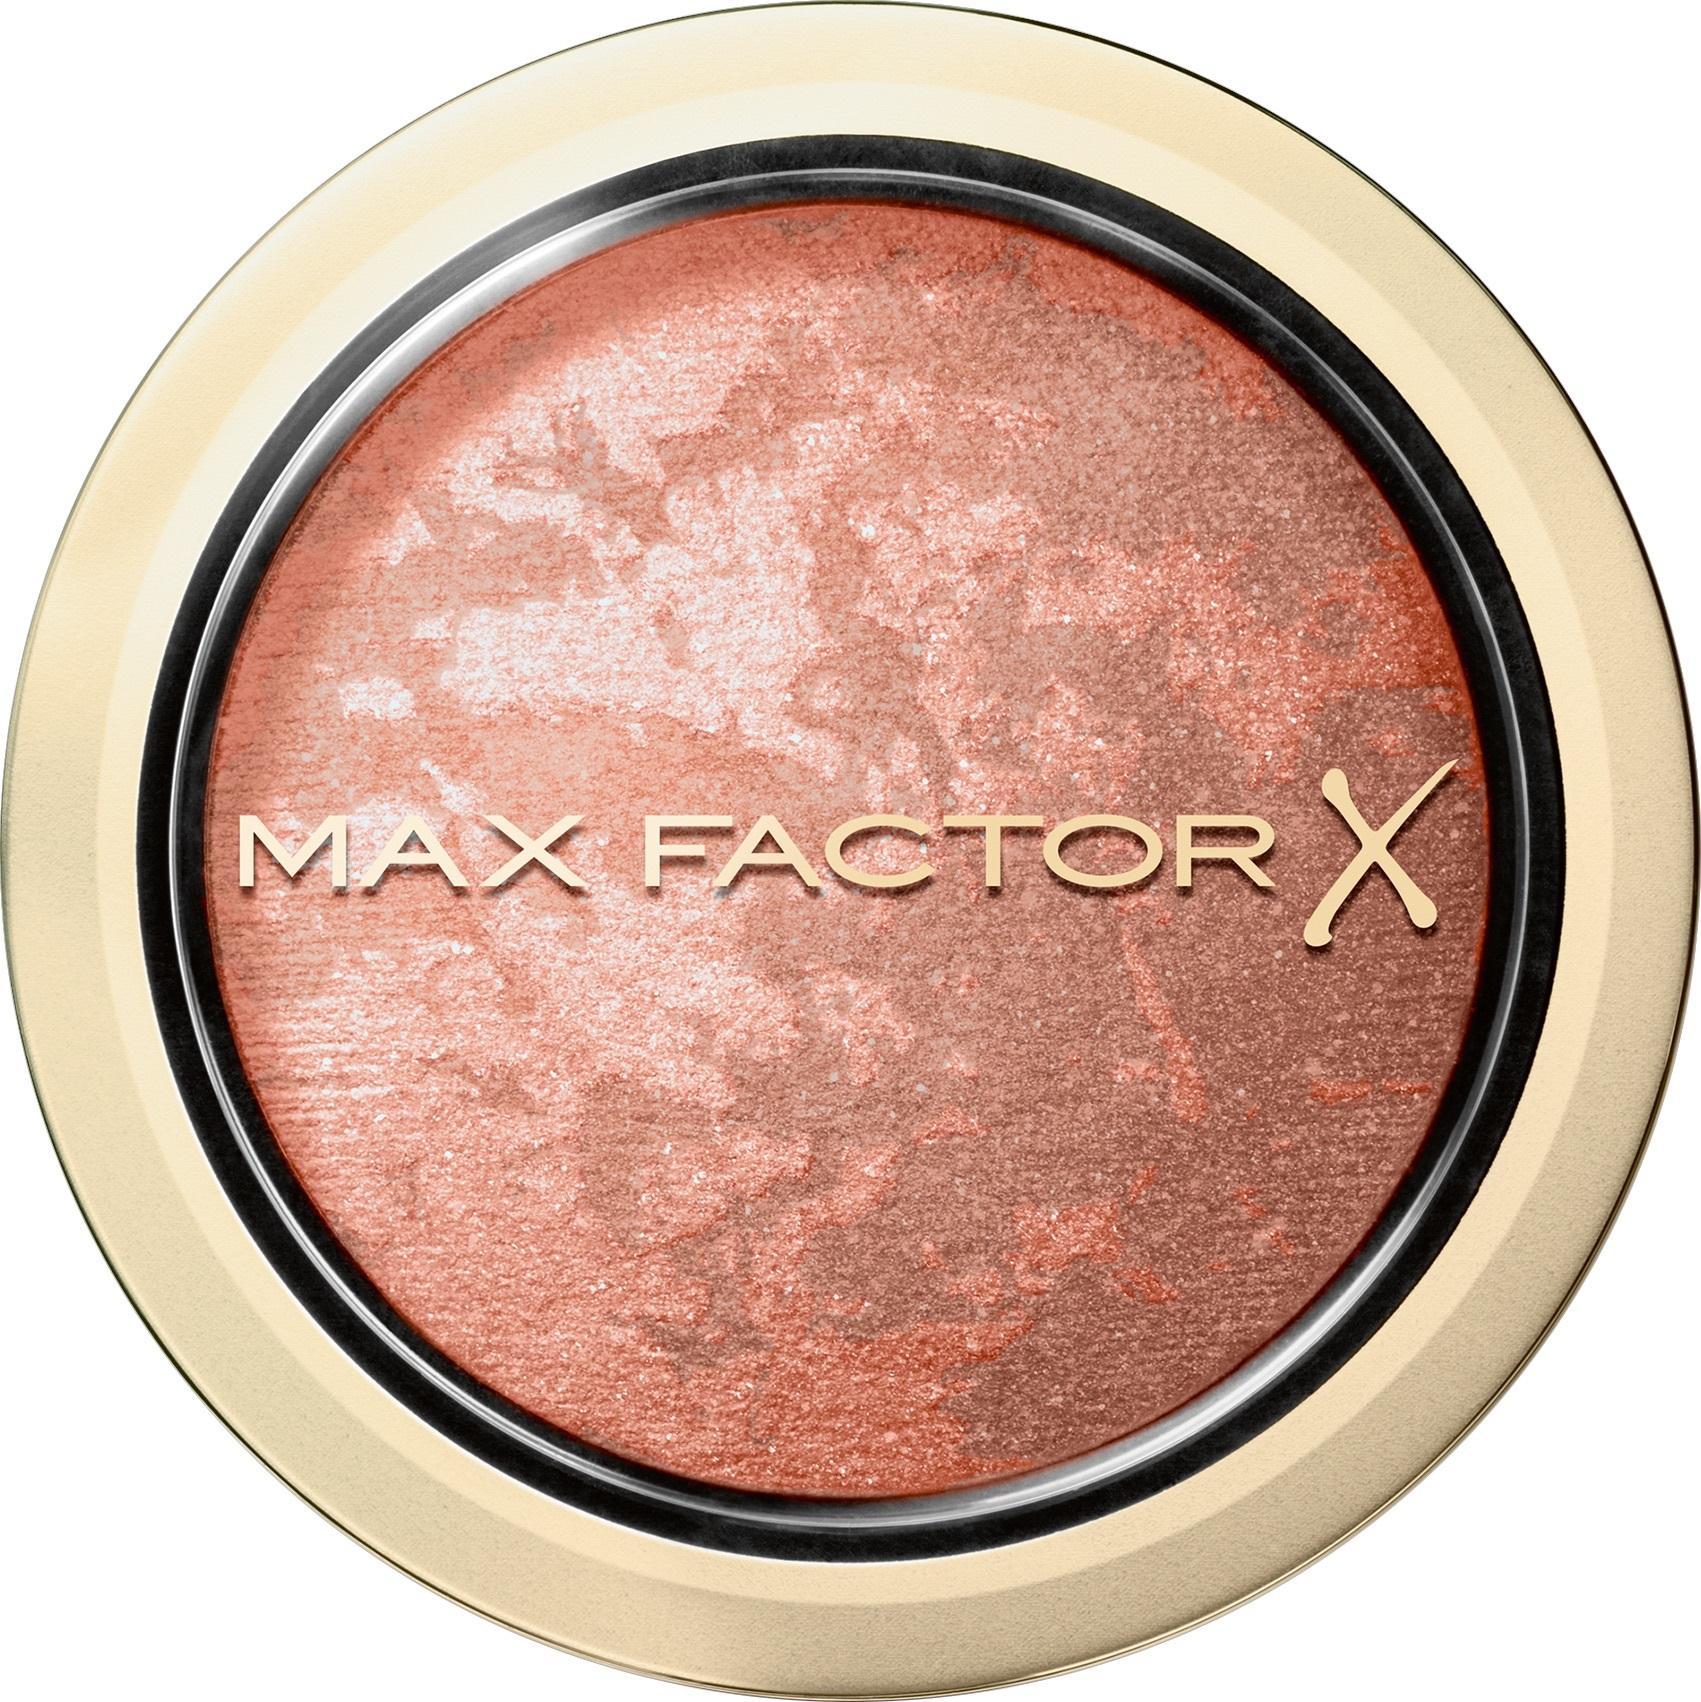 8) Max Factor_Crème Puff Blush_25_Alluring Rose